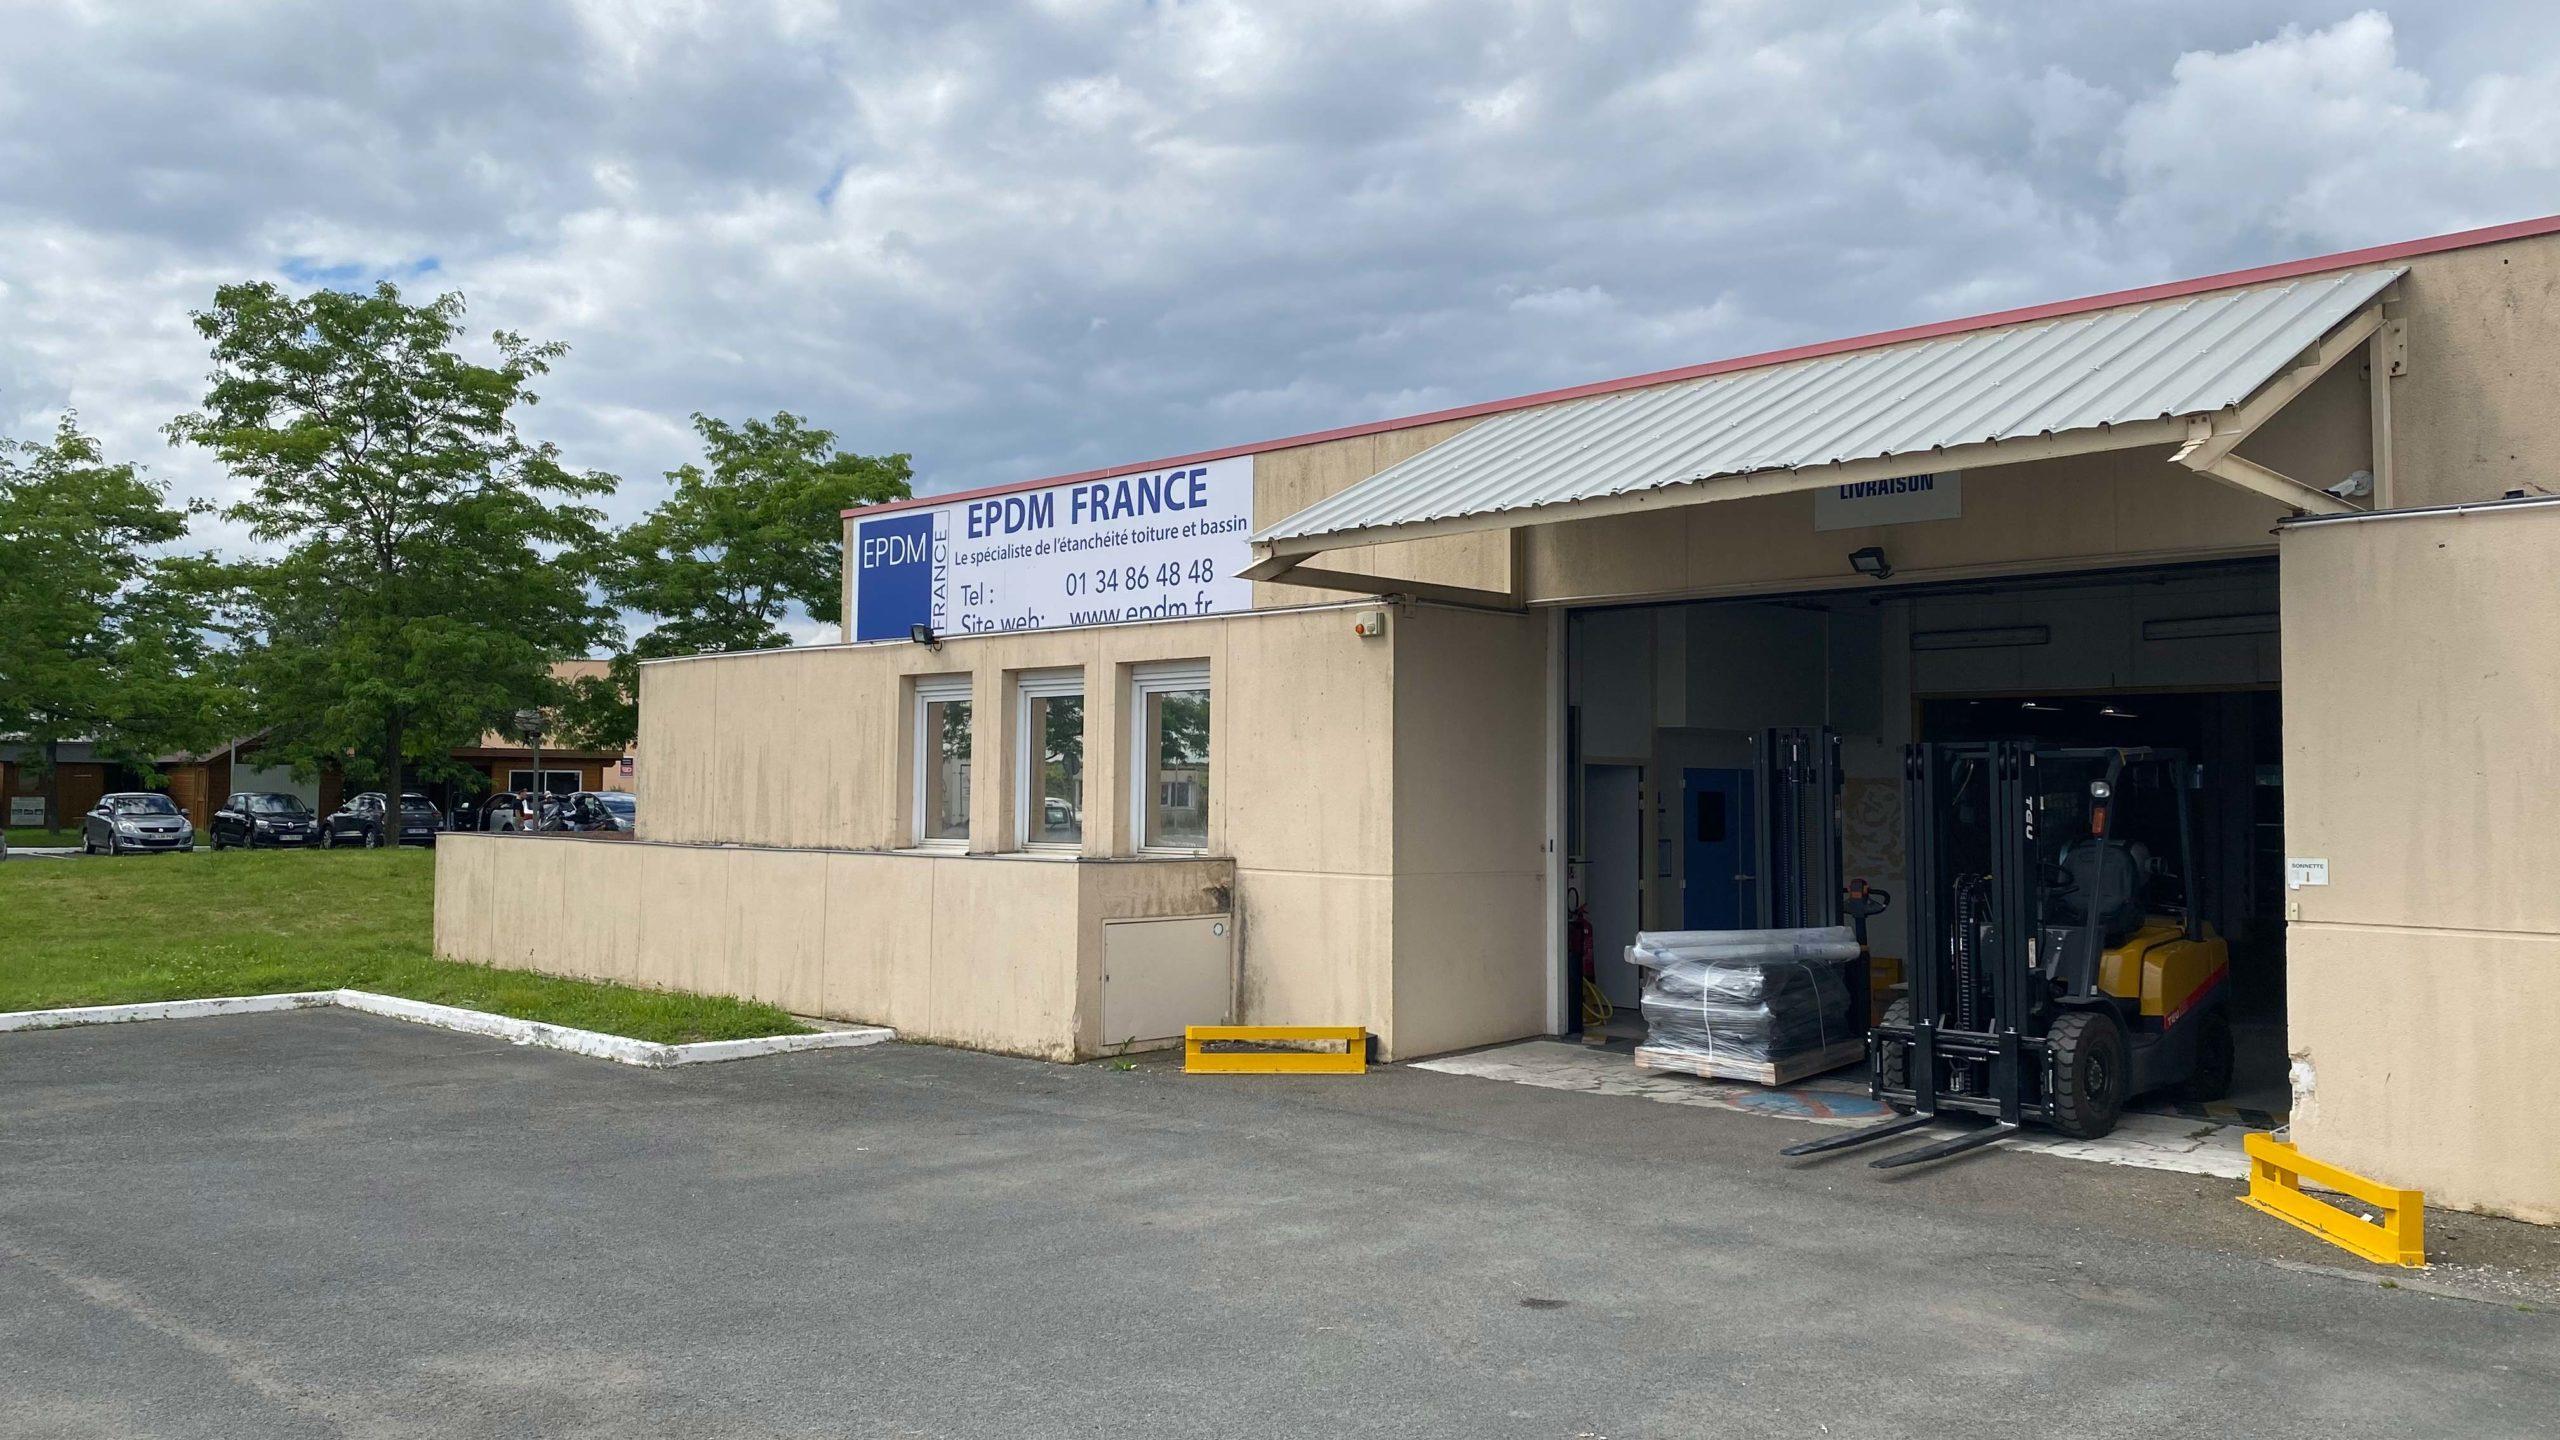 image du depot EPDM France